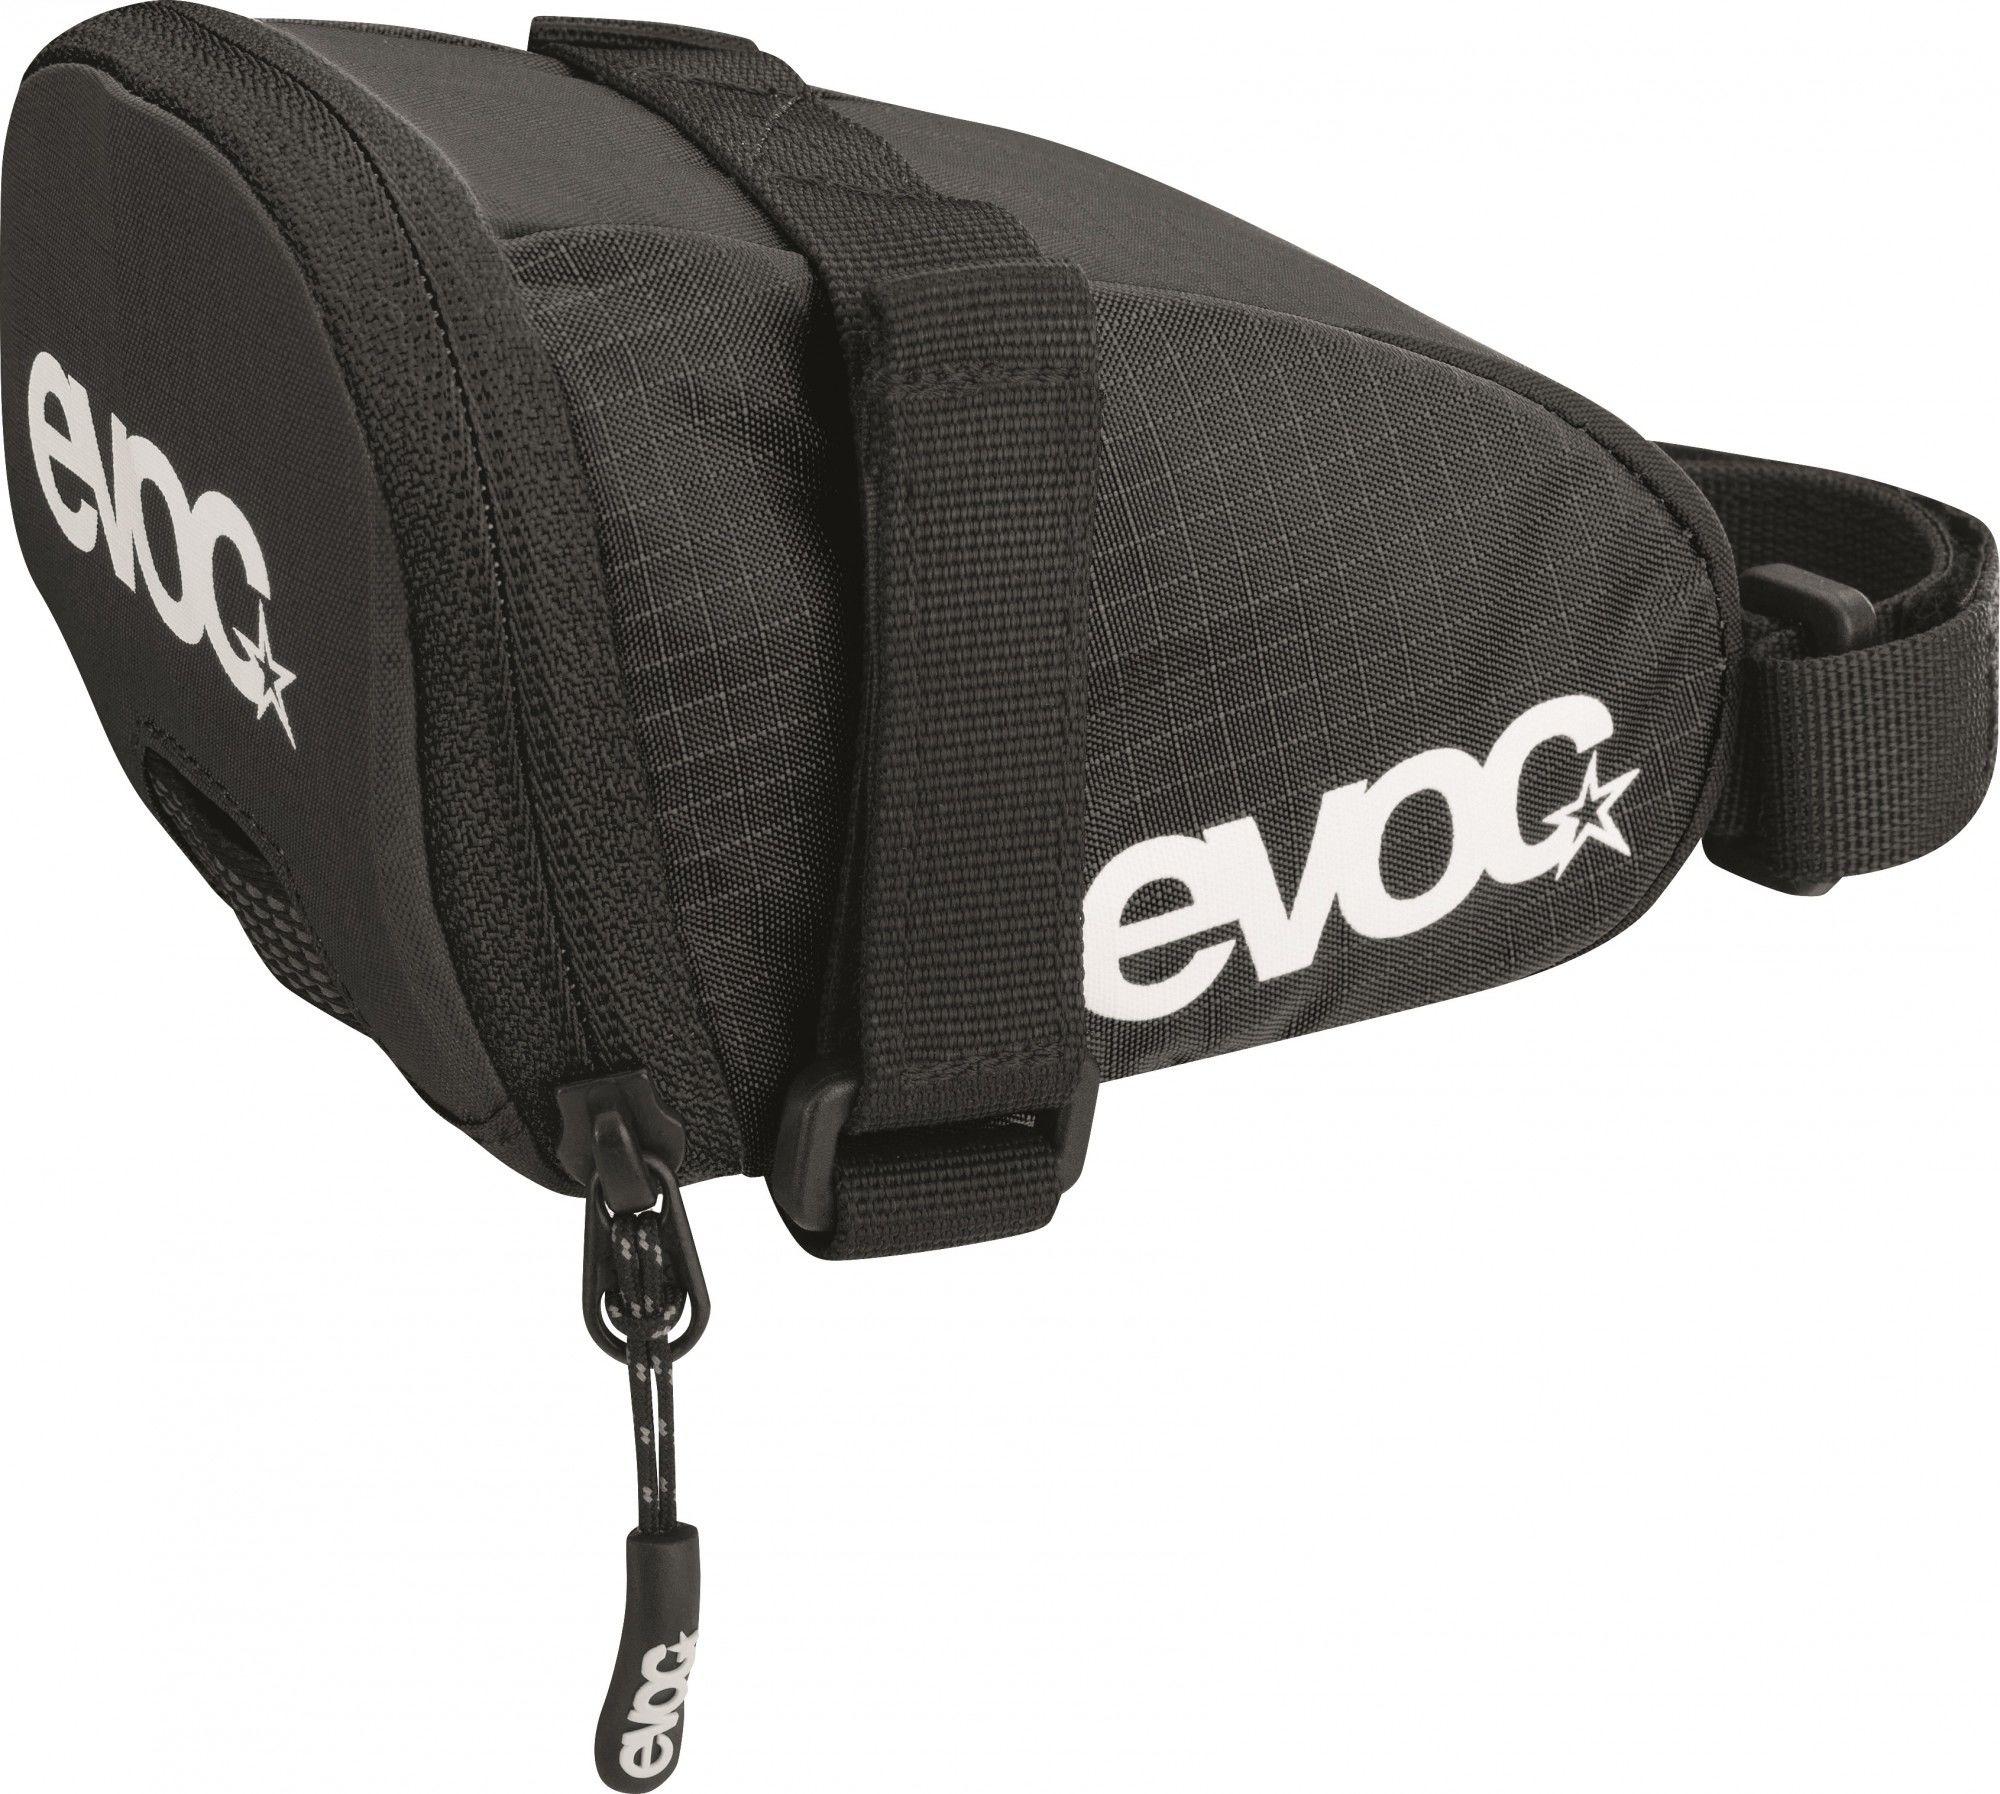 Evoc Saddle Bag Schwarz, Fahrradtasche, 0.7l